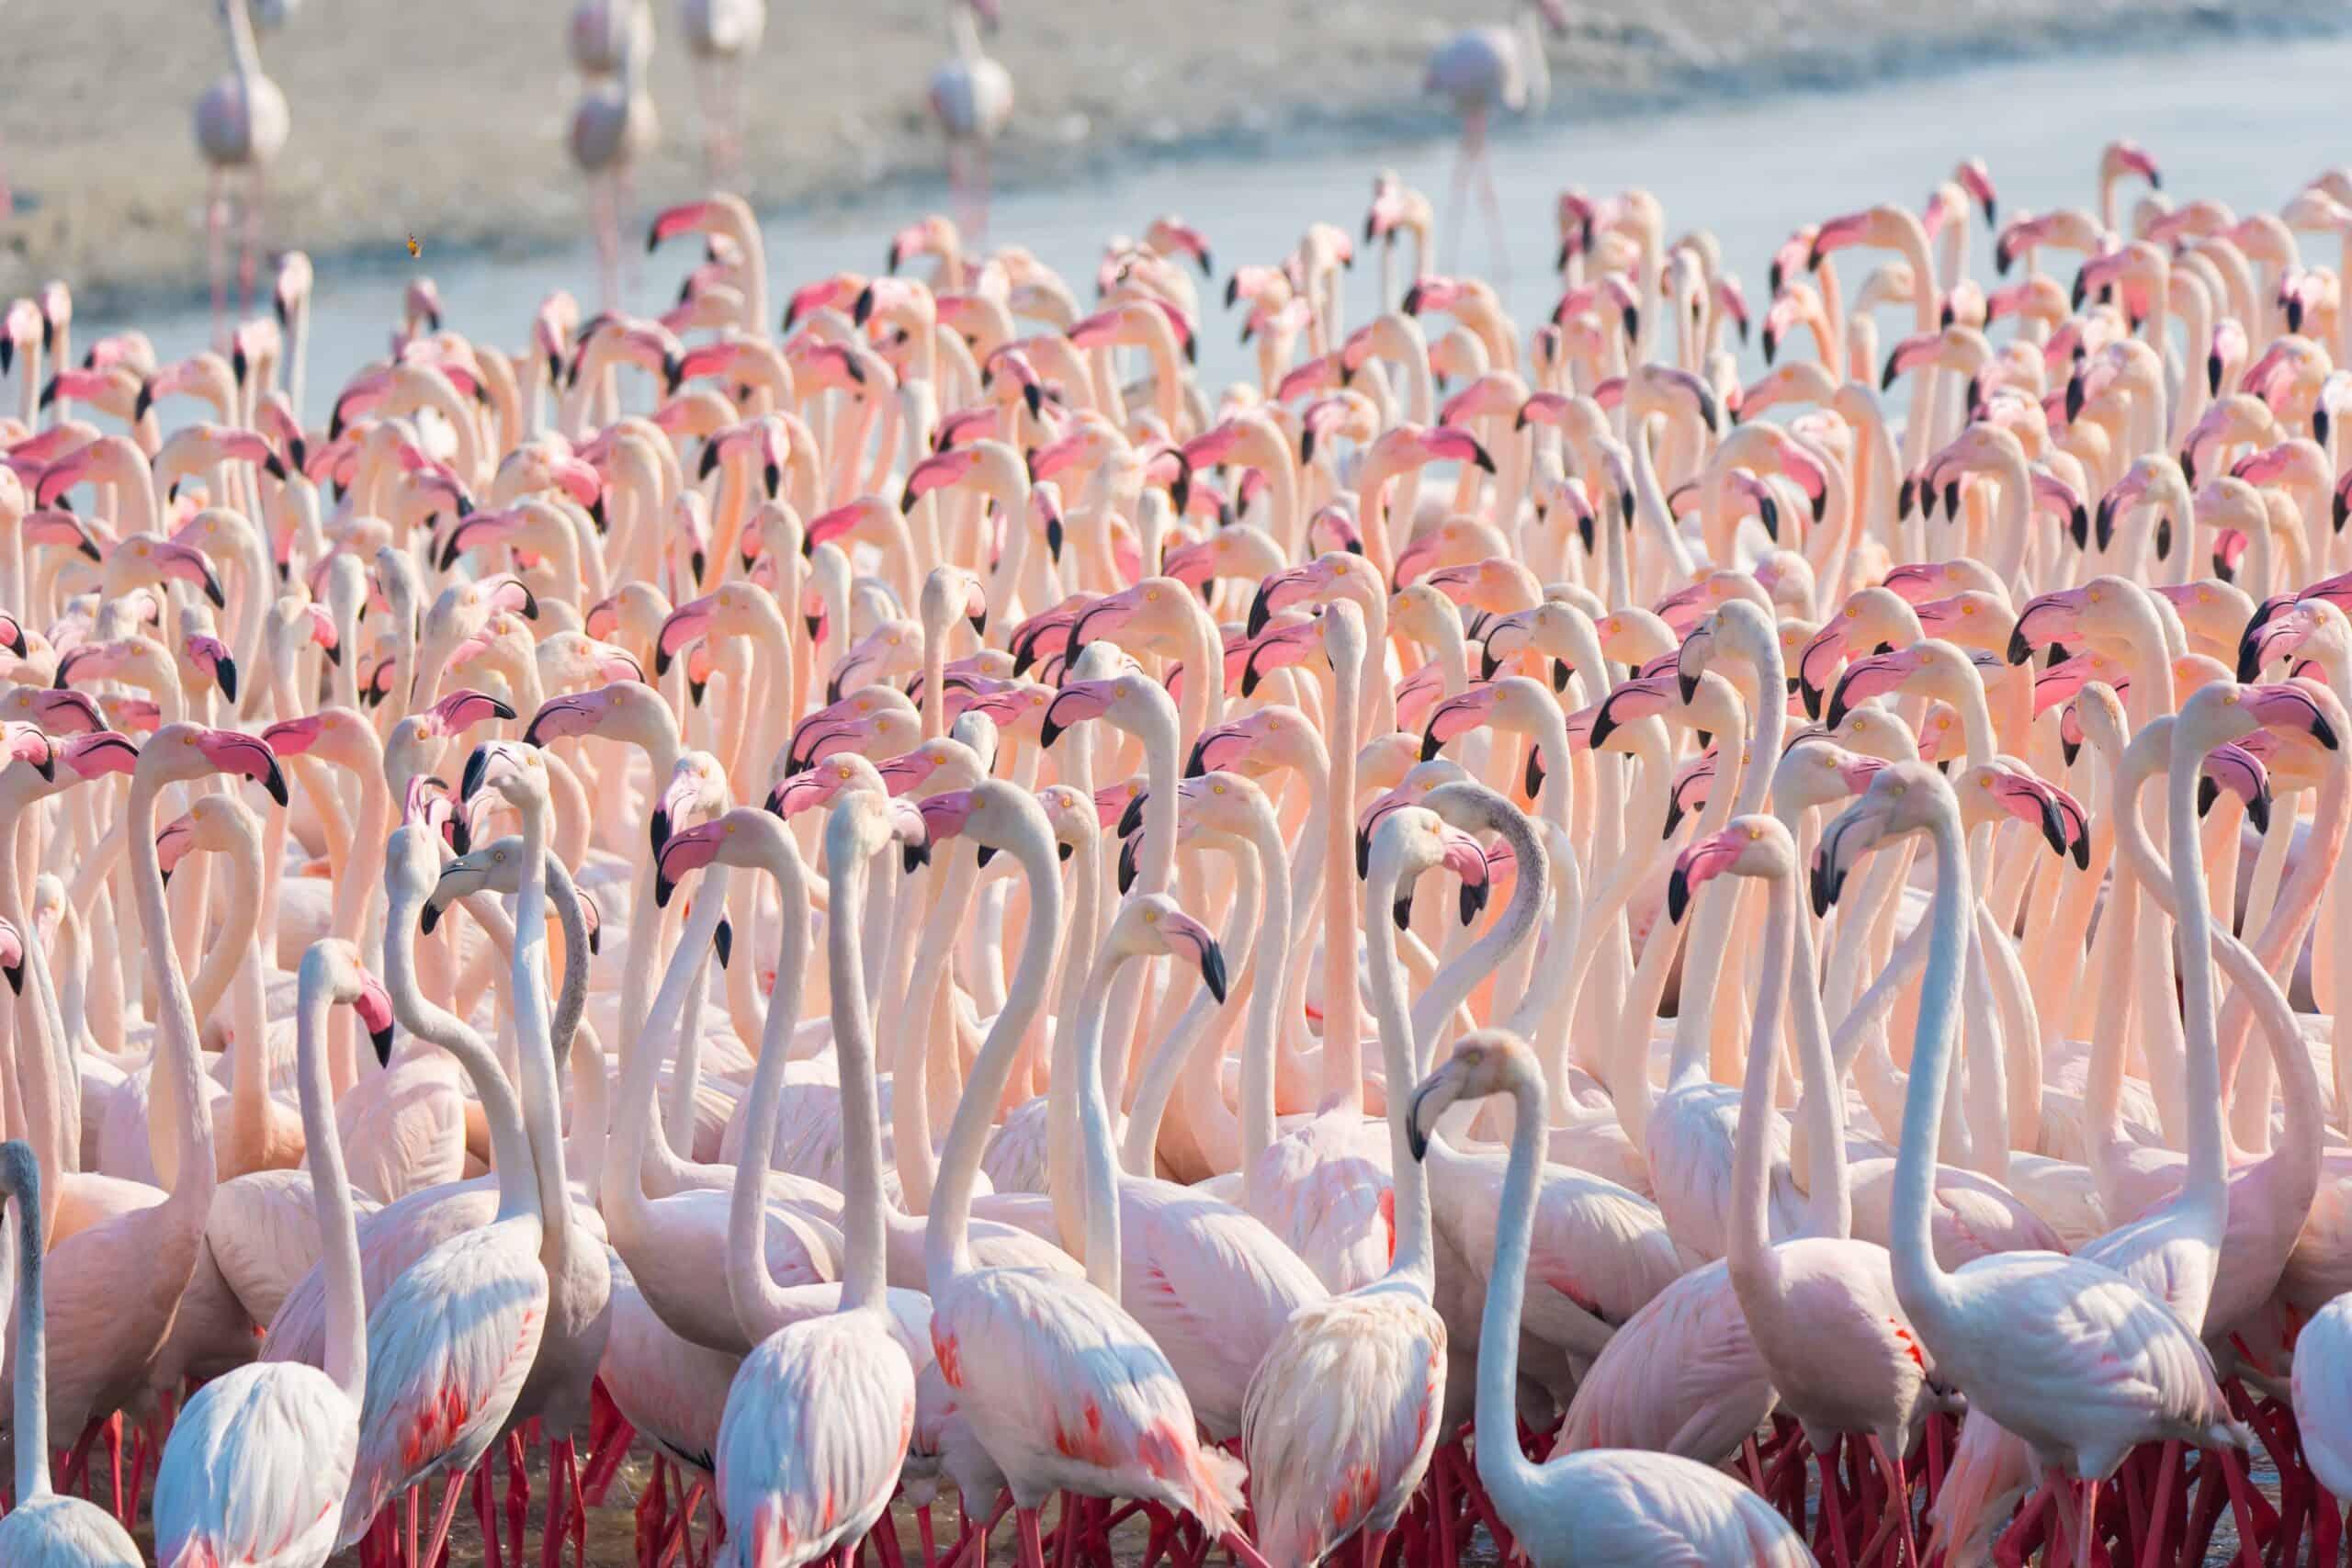 طائر الفلامنجو: كل ما تريد معرفته عن هذا الوردي الفاتن